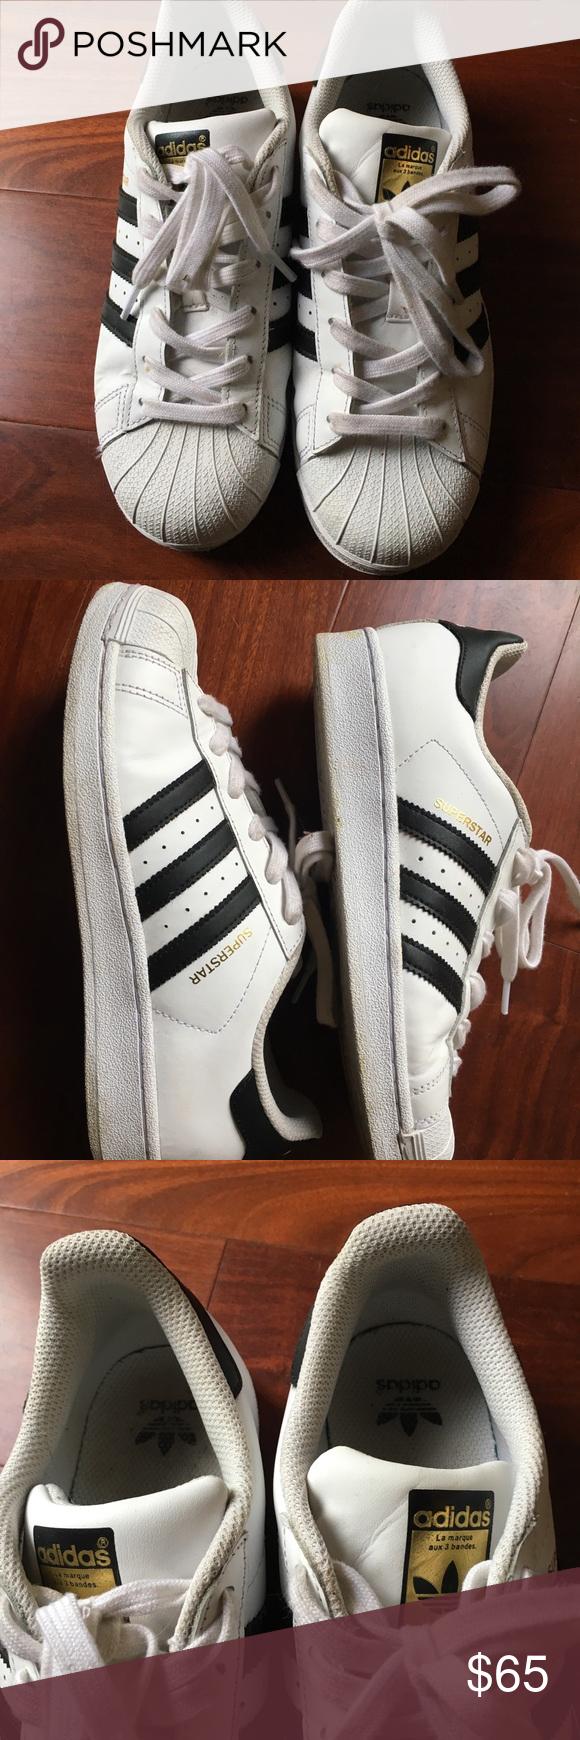 adidas scarpe da ginnastica indossato solo una manciata di nuovo, alcuni marchi